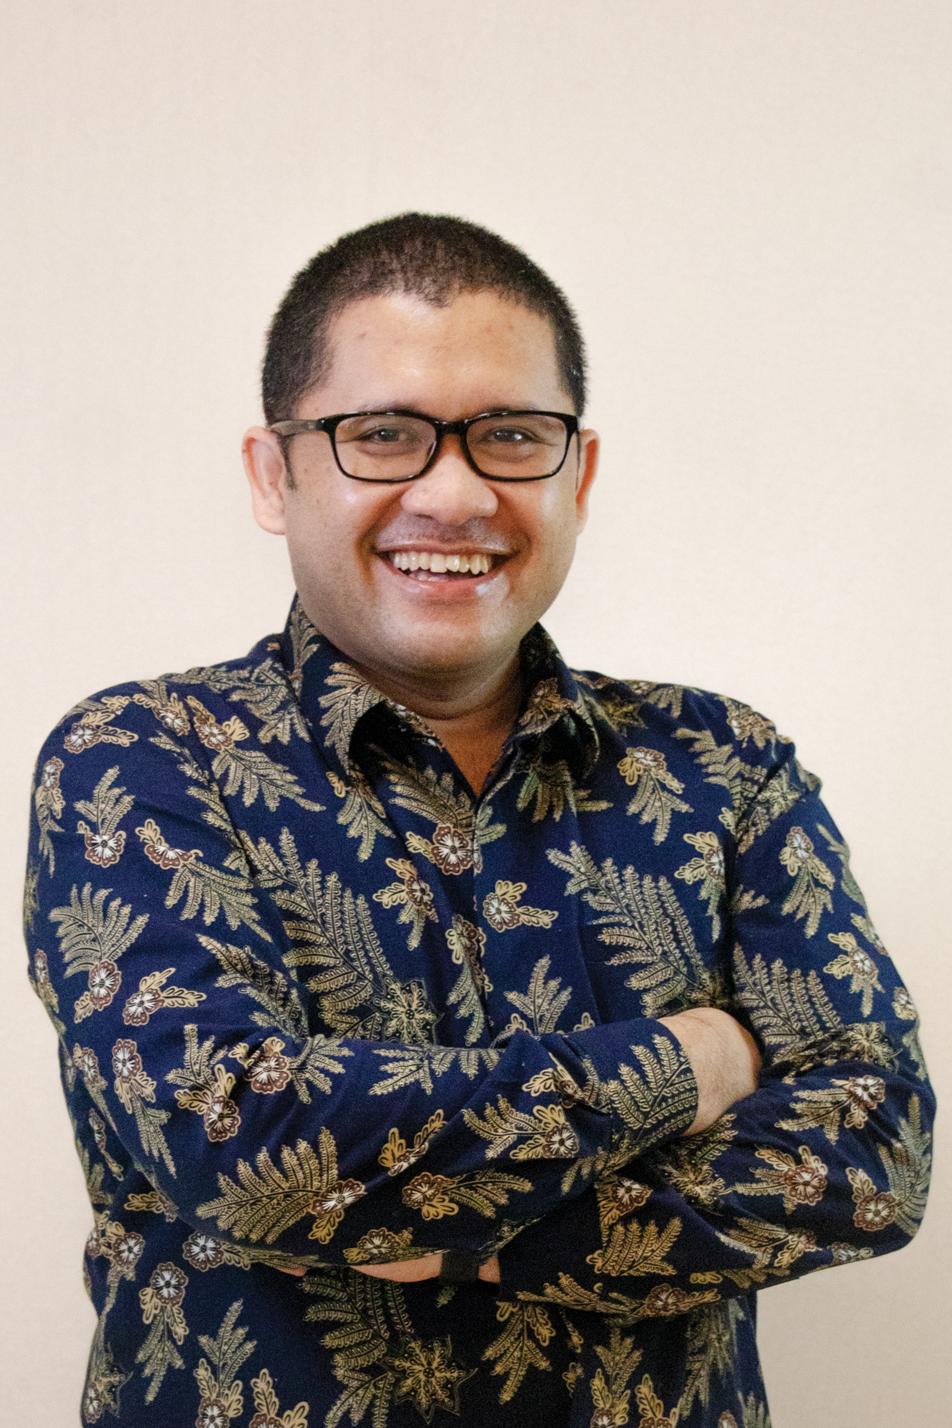 Kemenkeu Sebut Pengangguran di Indonesia Didominasi Anak Muda dan Pendidikan Rendah